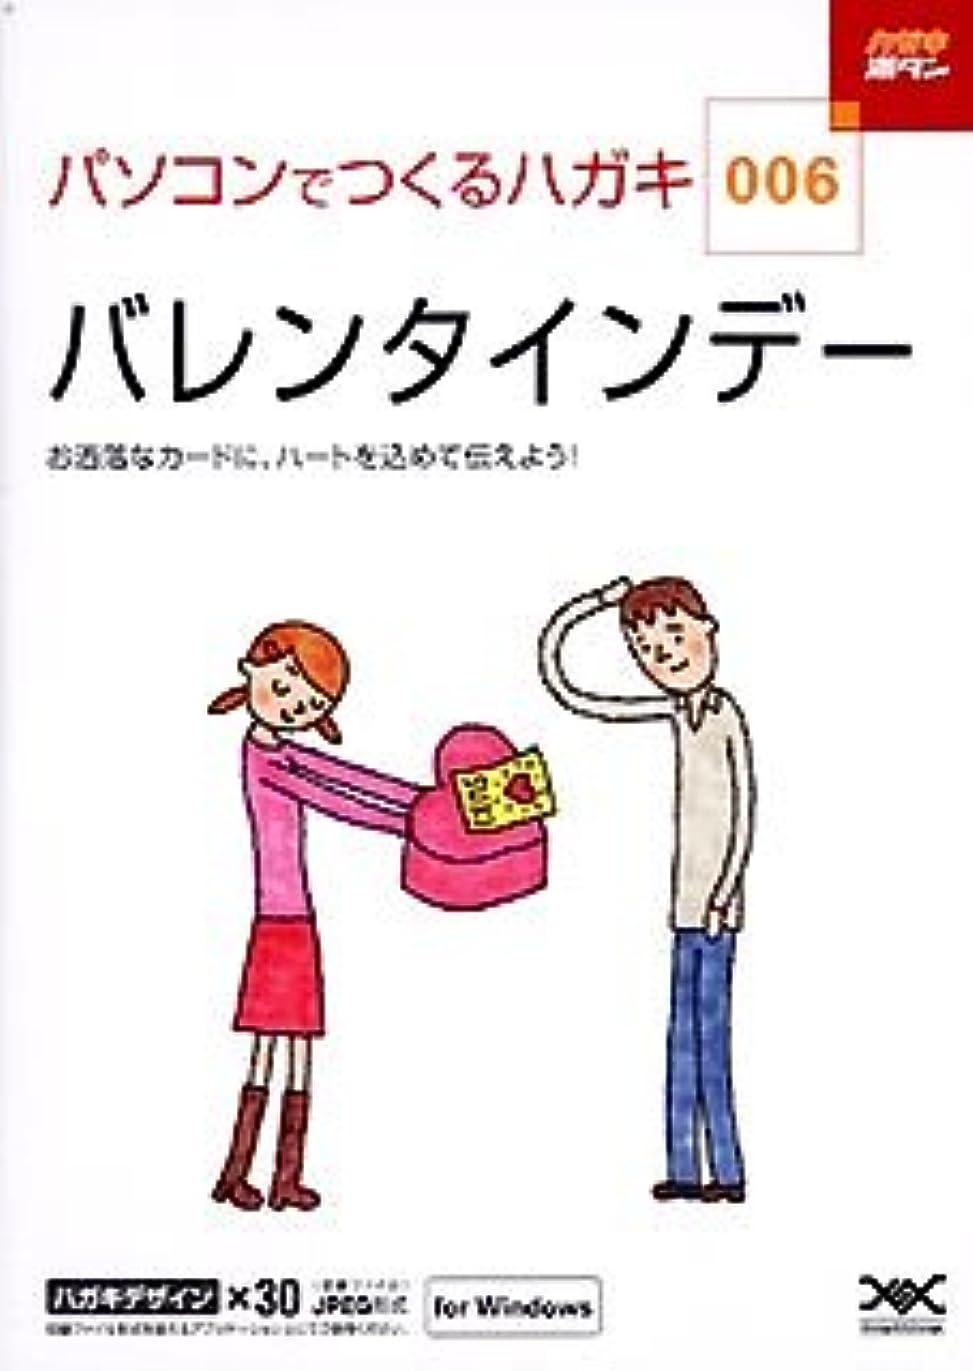 ハガキ満タン 006 バレンタインデー